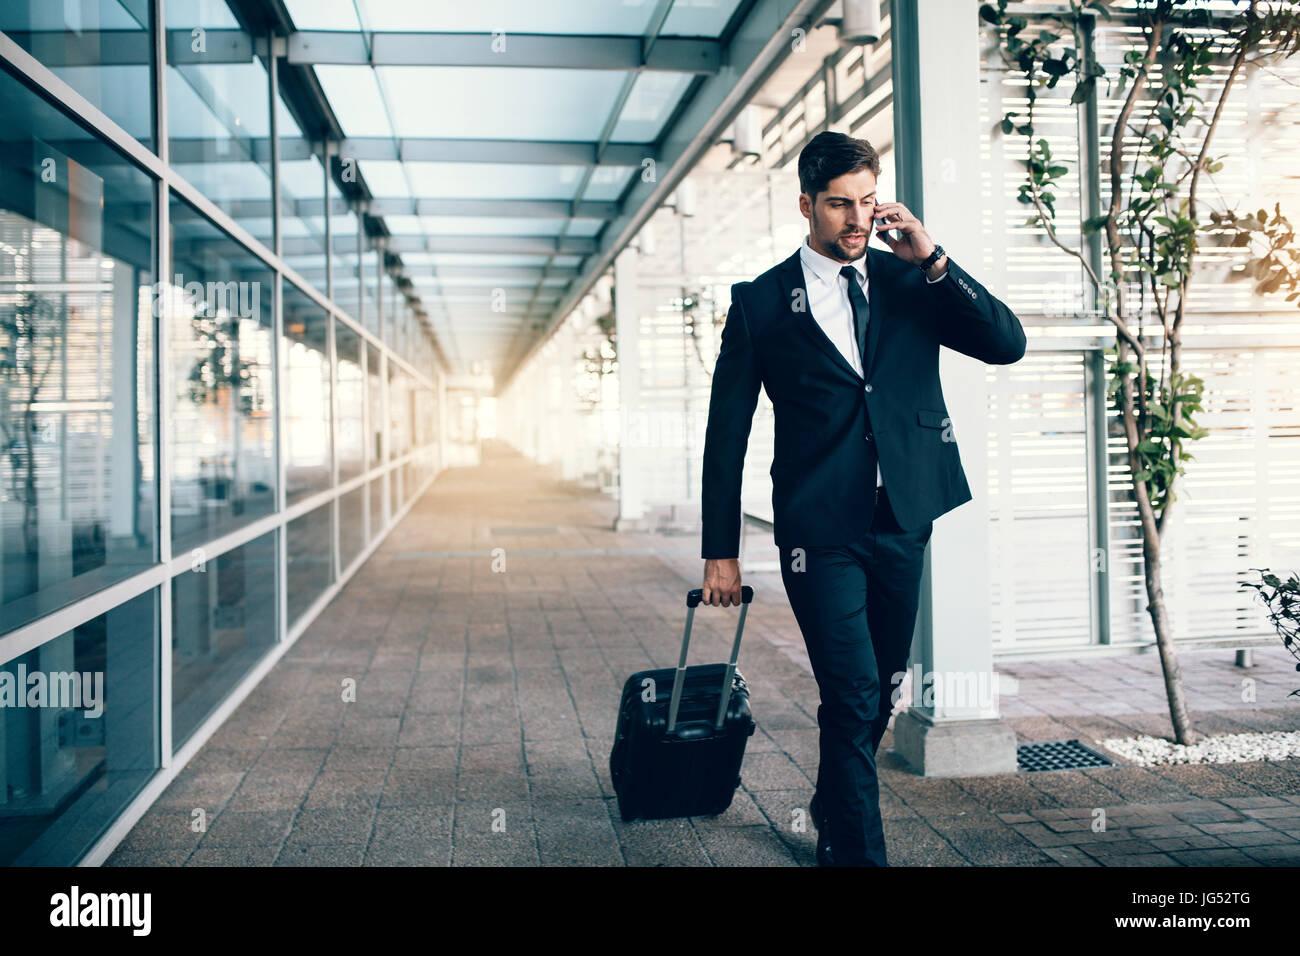 Beau jeune homme en voyage d'affaires à marcher avec ses bagages et parler sur téléphone cellulaire Photo Stock